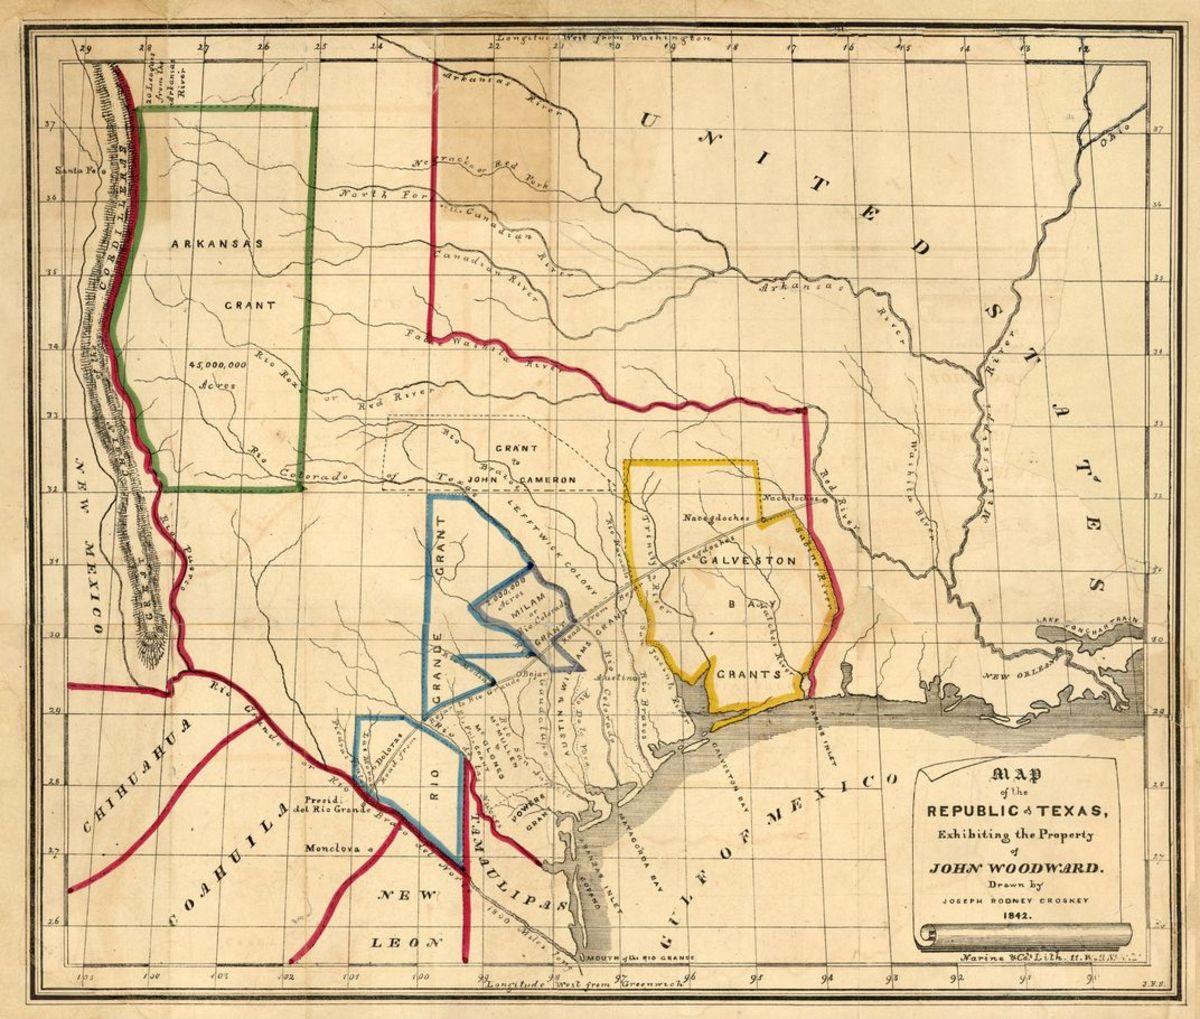 Map of the Republic of Texas circa 1842.